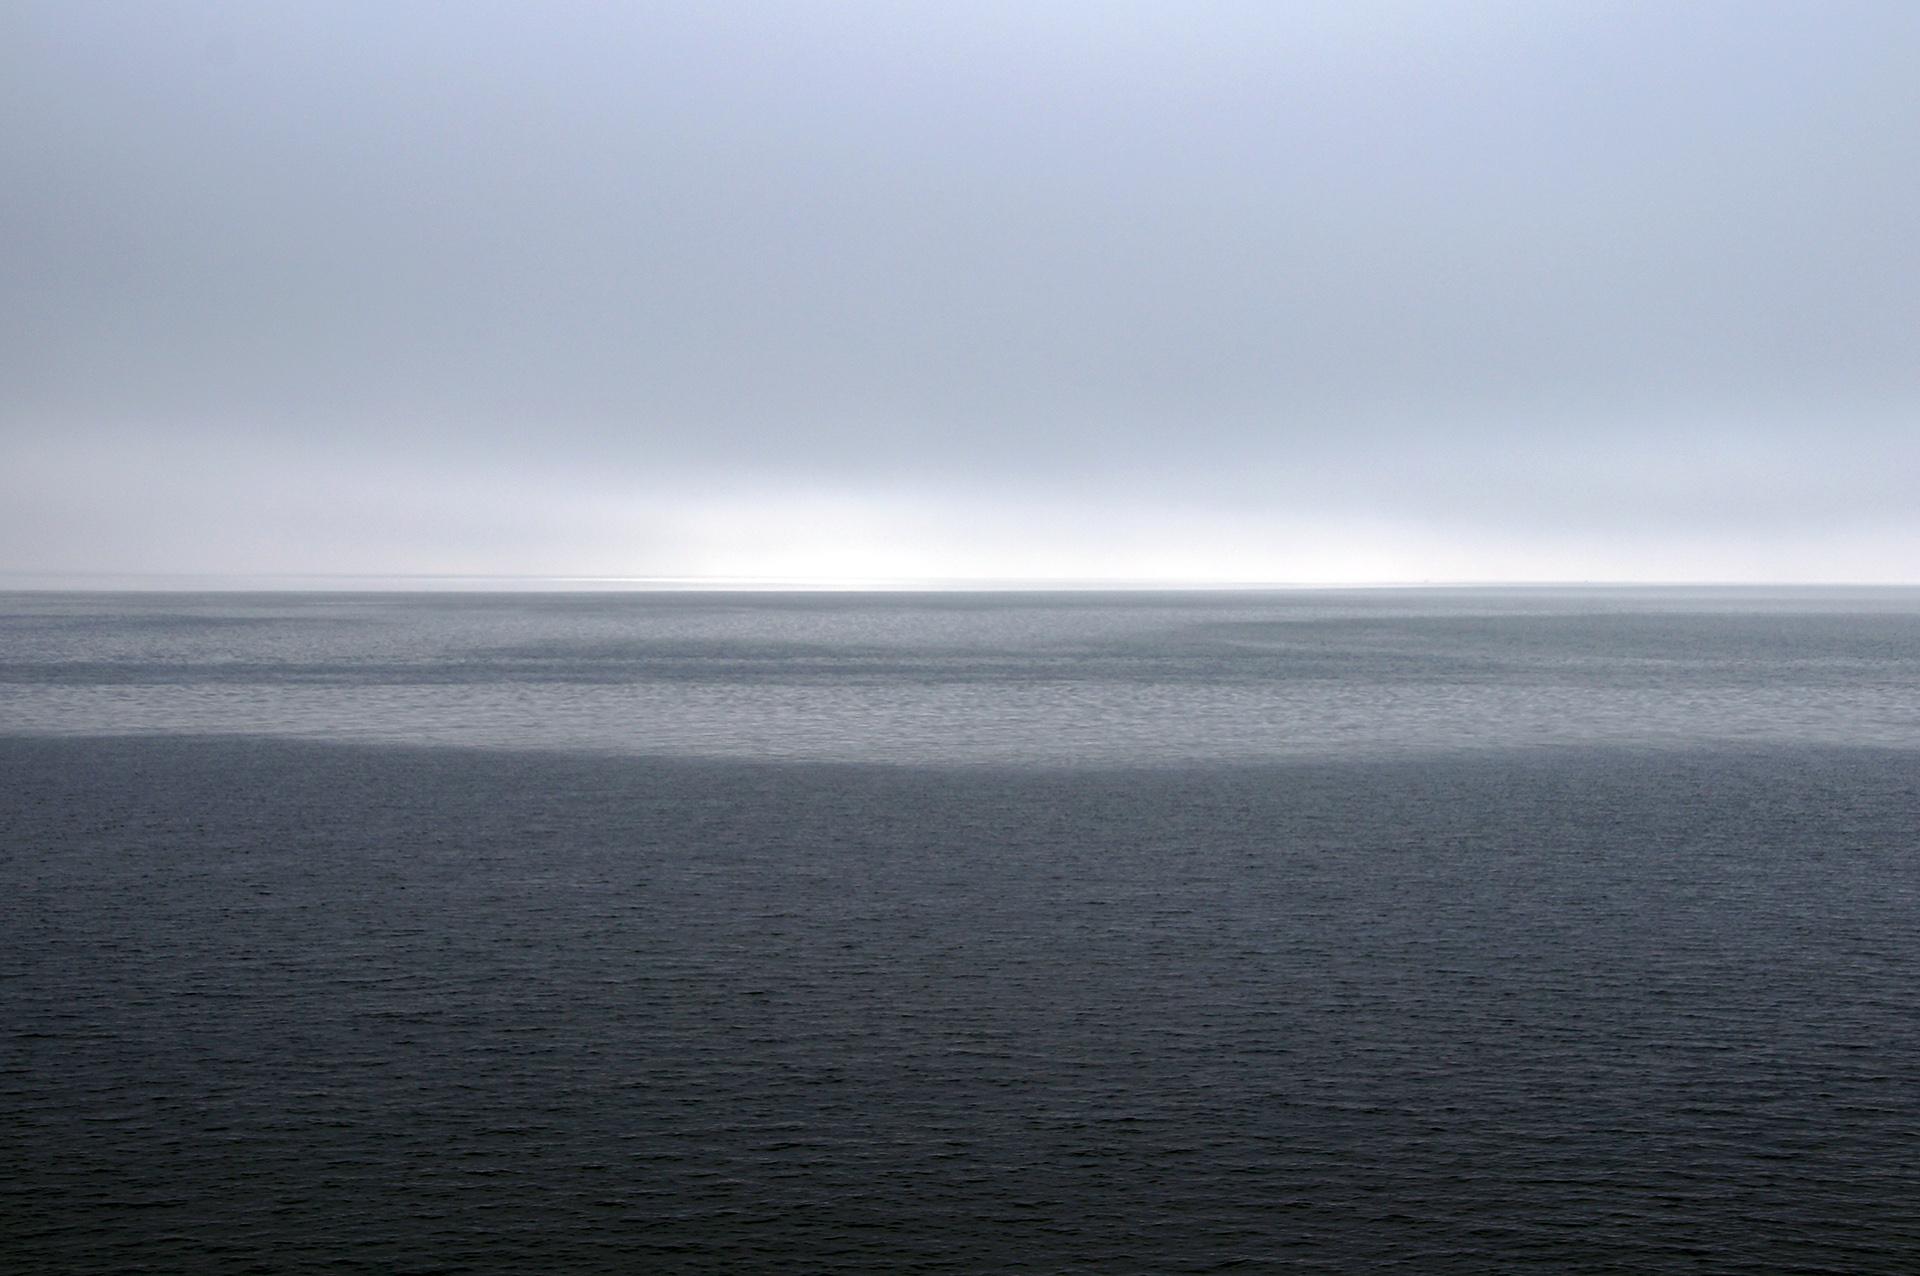 Herbstliche Morgenstimmung auf dem Bodensee, Fotografie, 2014